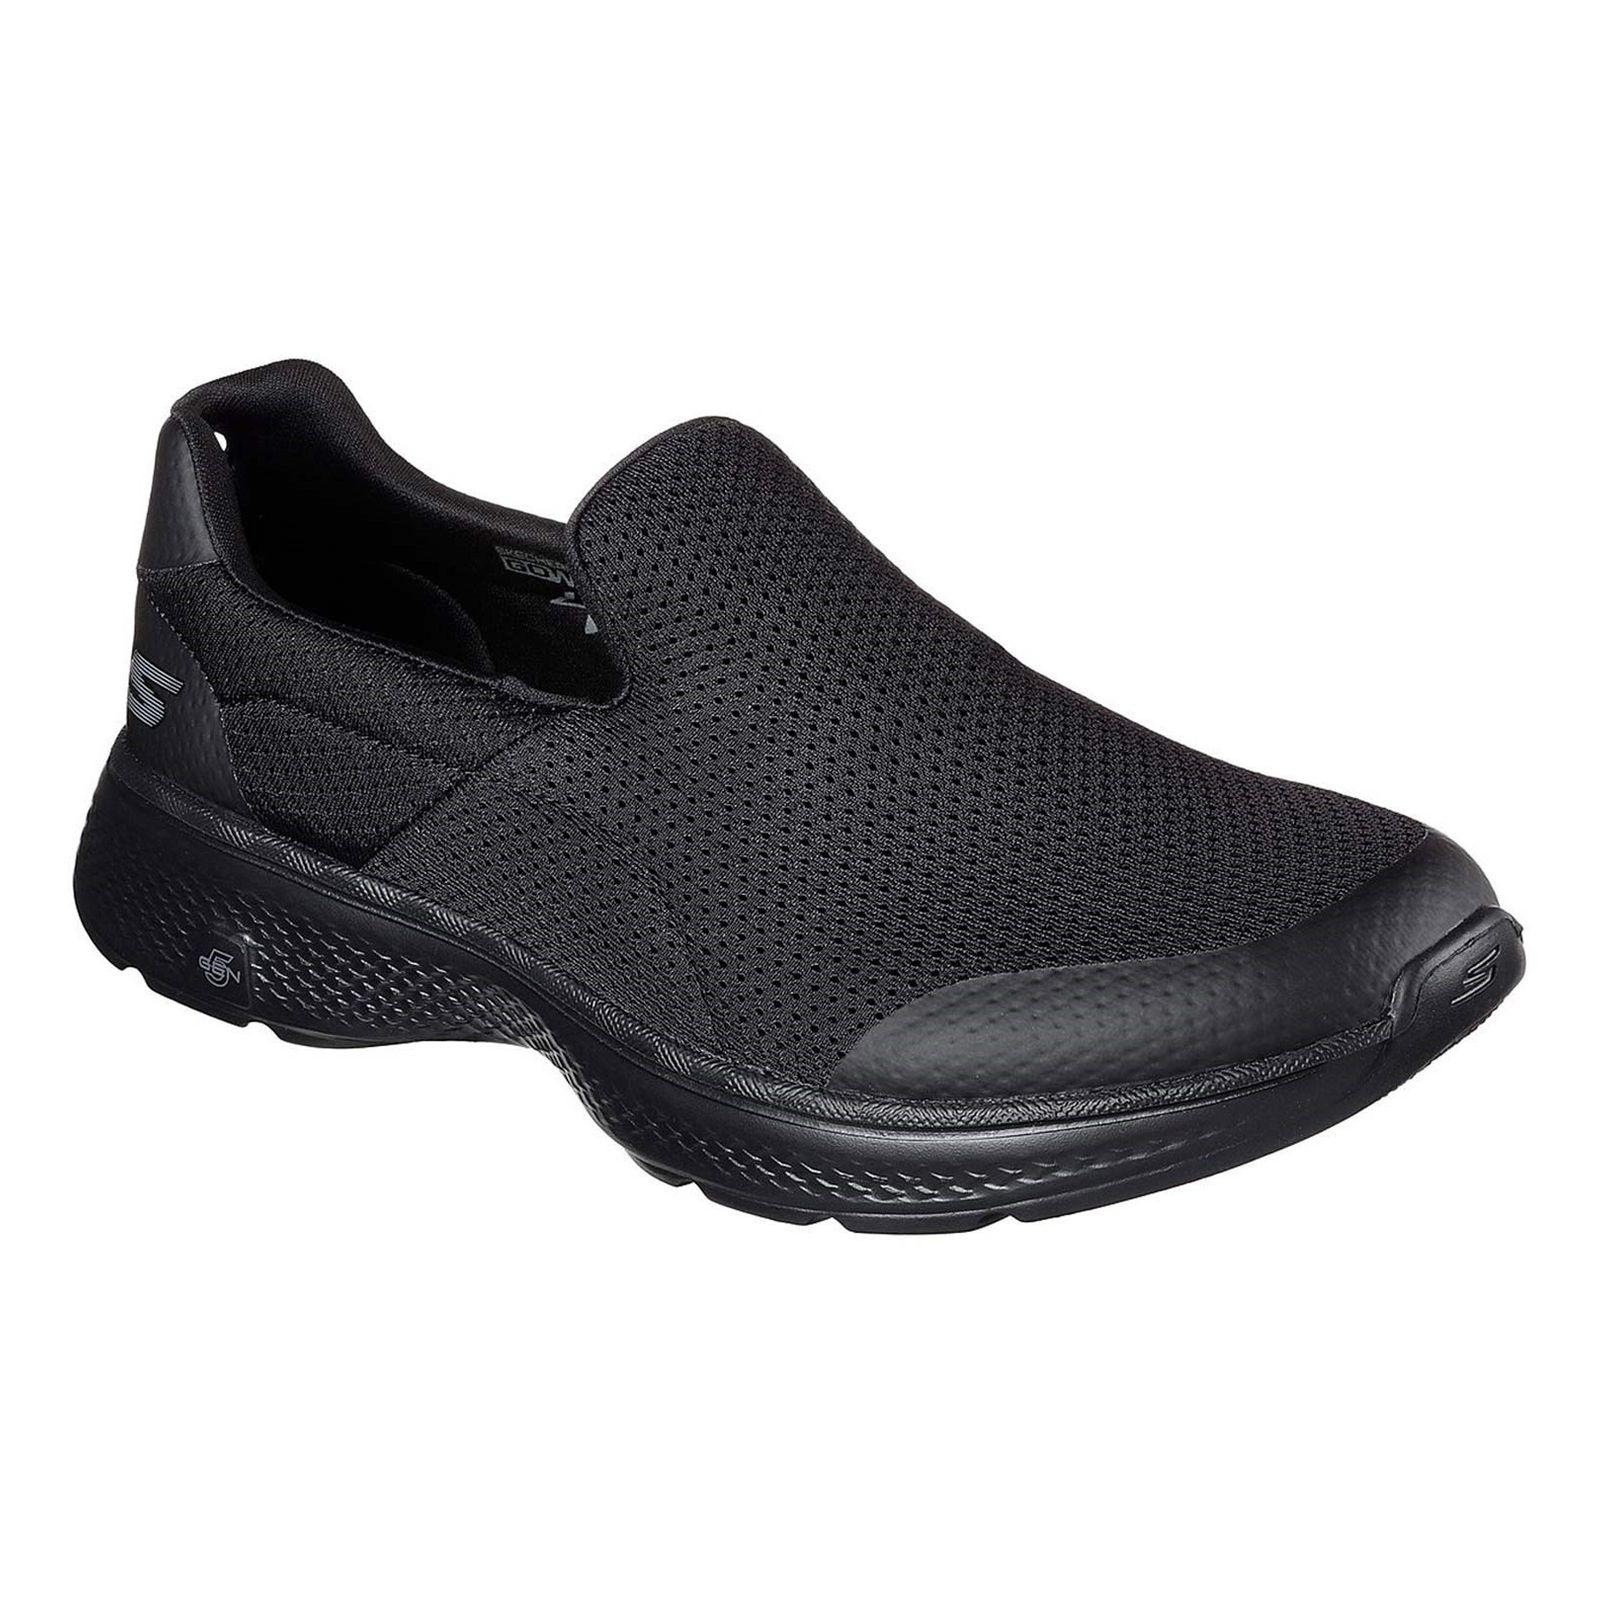 کفش پیاده روی پارچه ای مردانه GOwalk 4 Incredible - اسکچرز - مشکي - 5